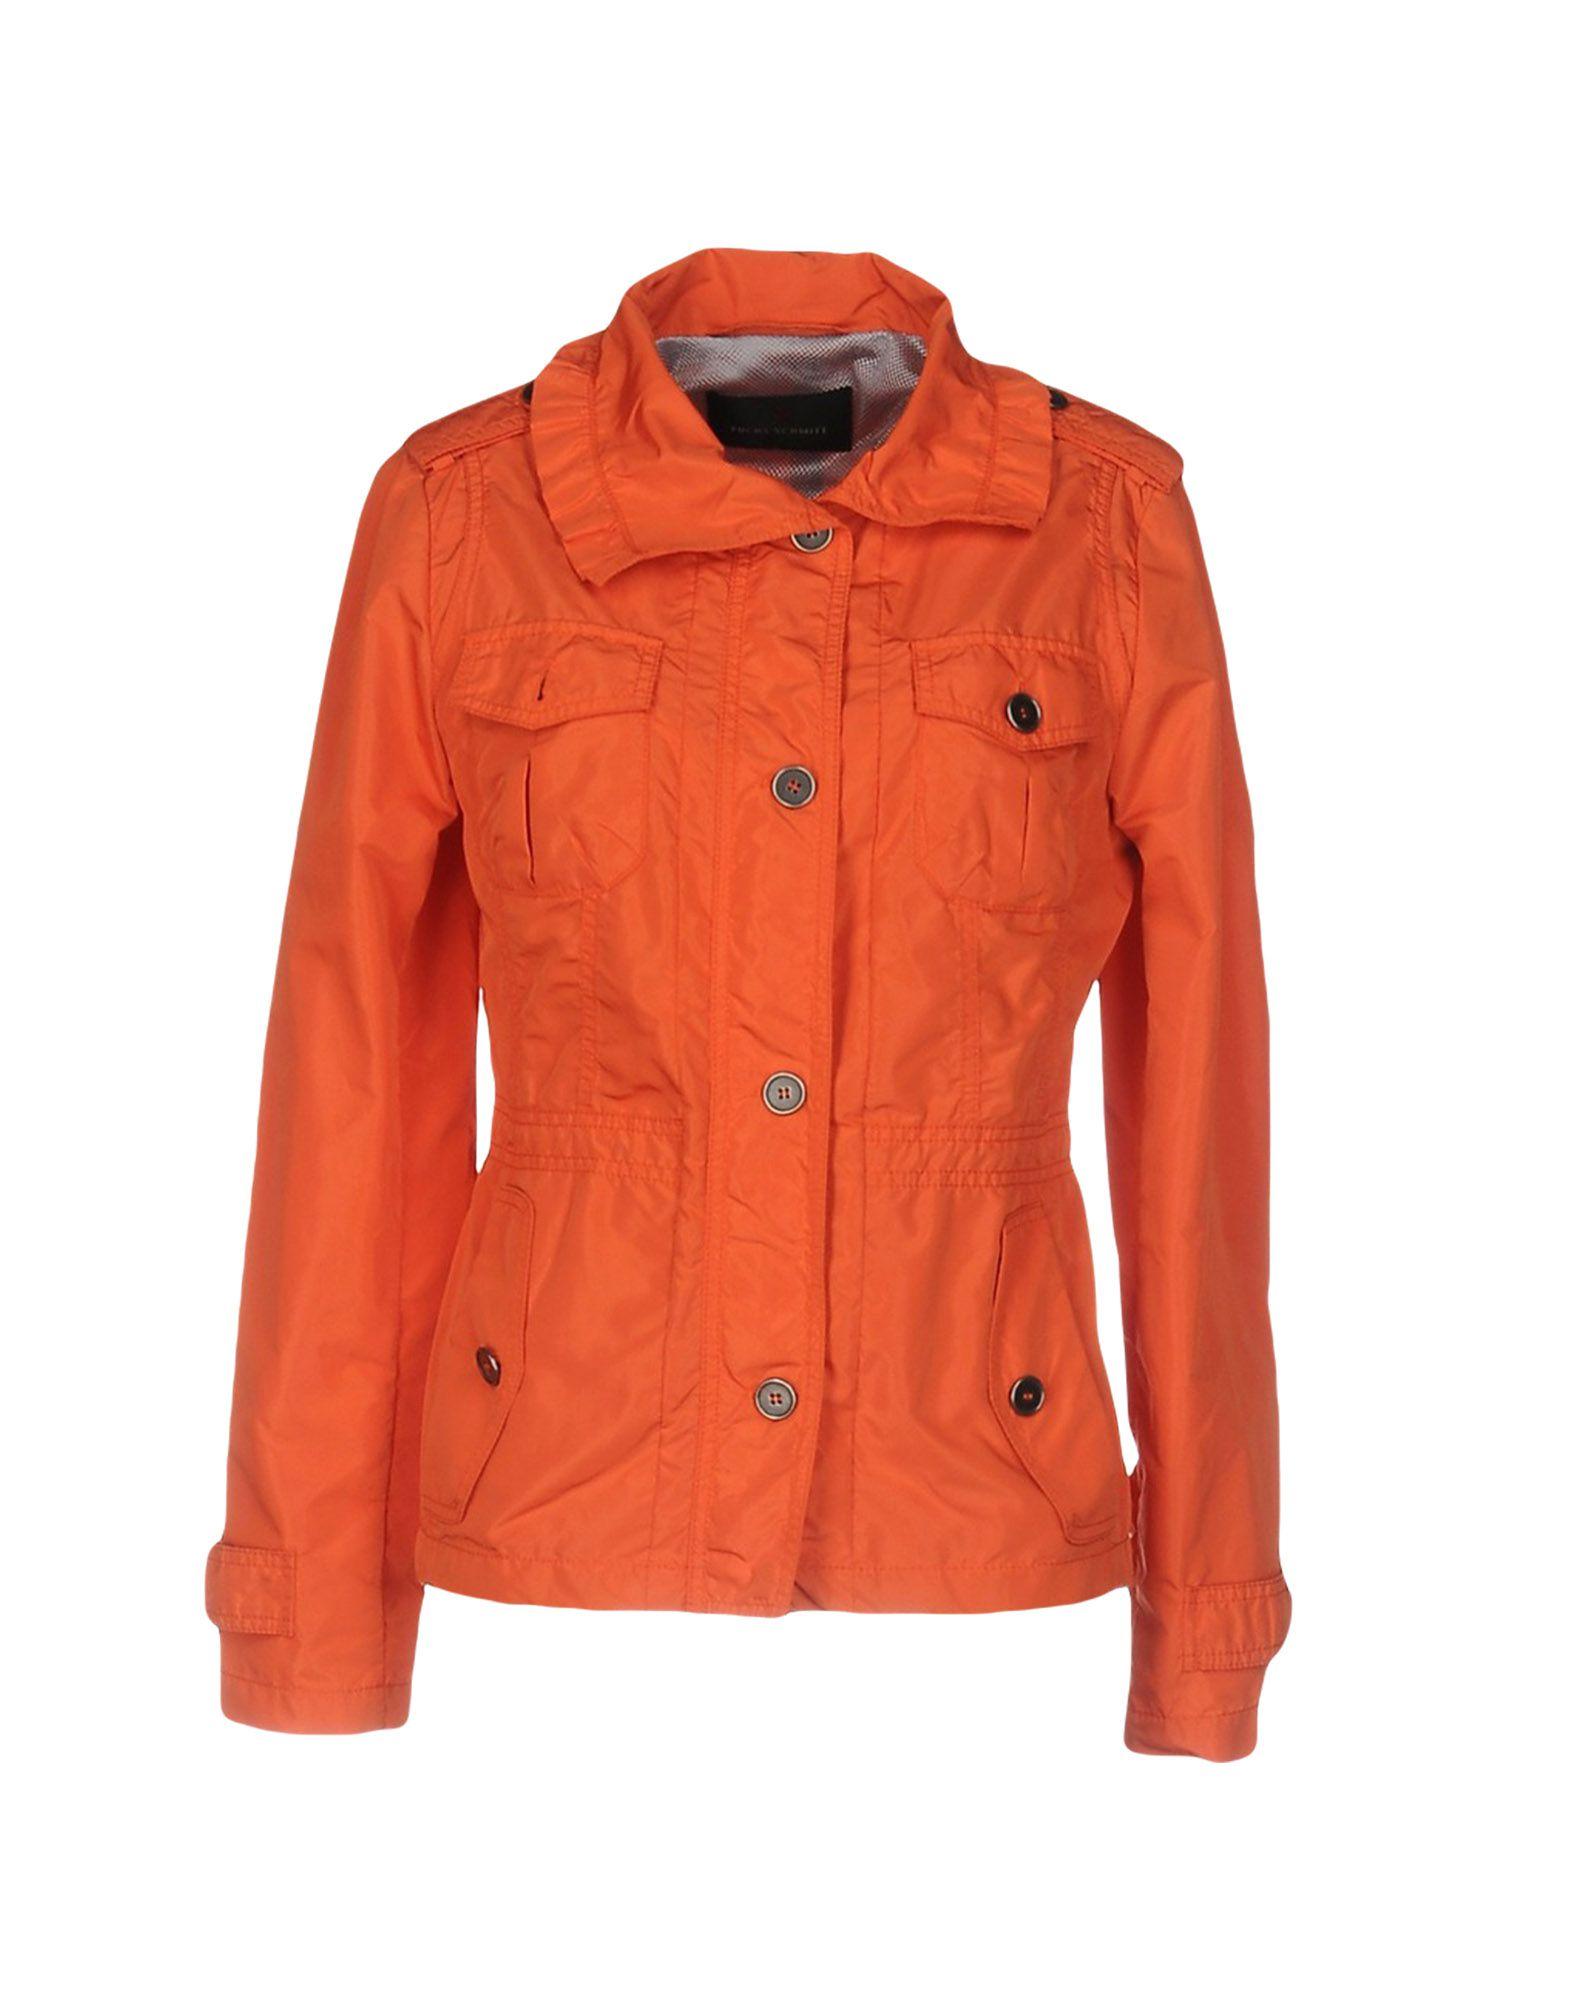 FUCHS SCHMIT Куртка dhl ems new pepperl fuchs udc 18gm 400 3e1 y194142